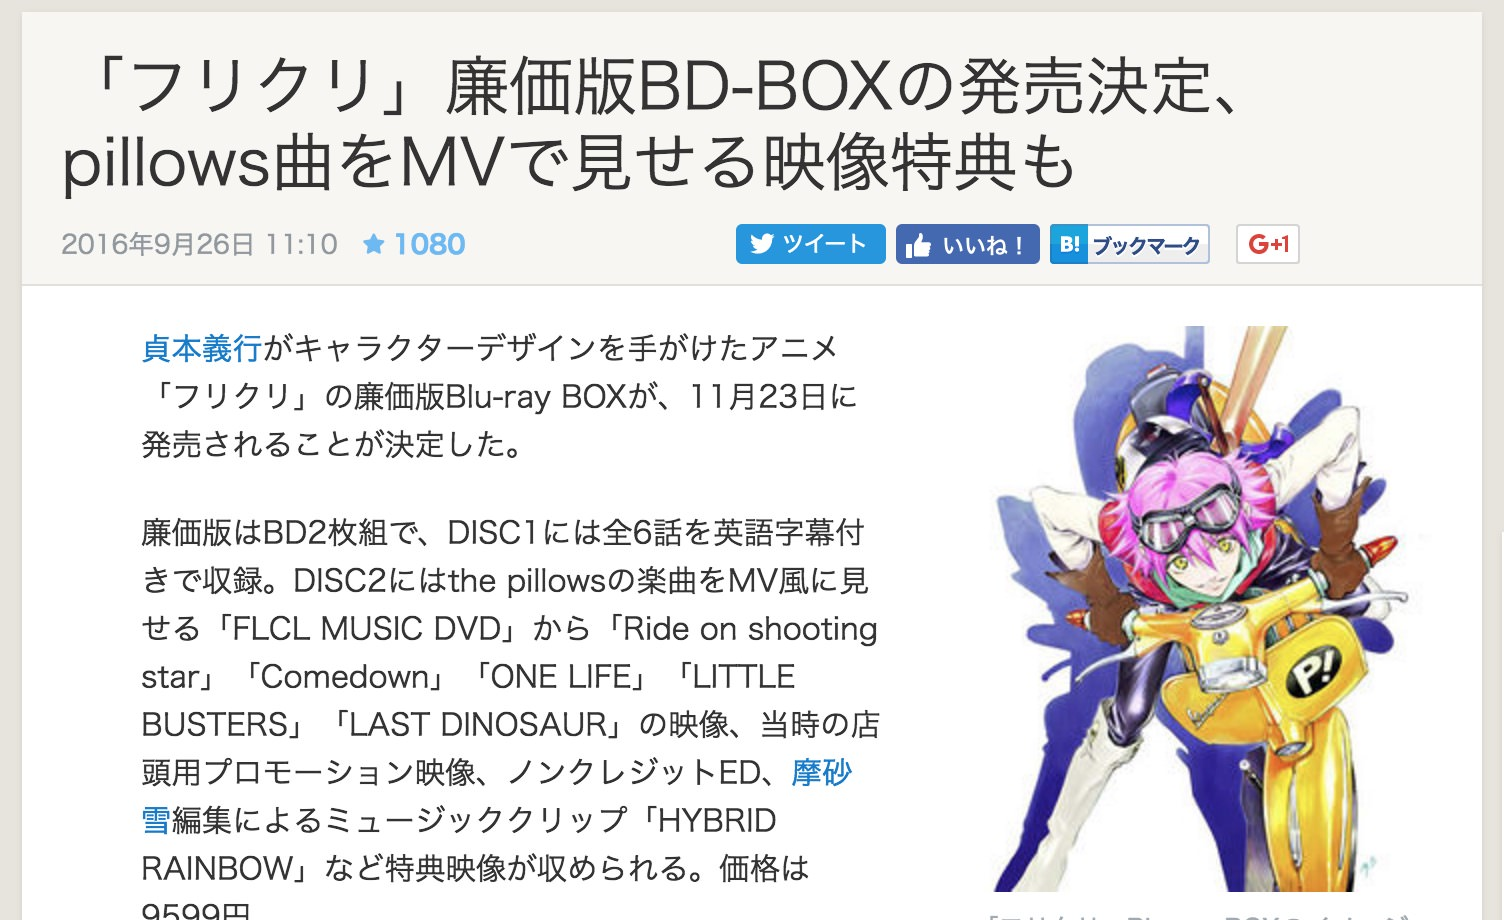 「フリクリ」、廉価版BD-BOX発売決定、pillowsのMVや続編プロジェクトなど!